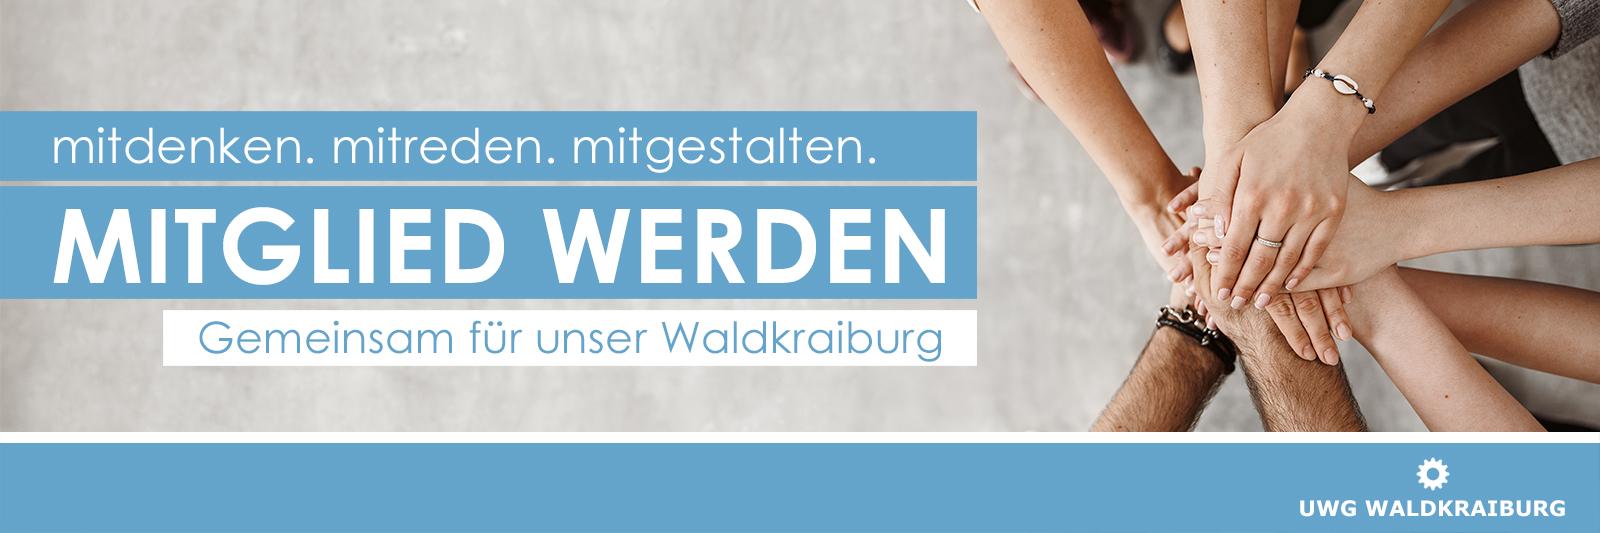 Mitglied werden - UWG Waldkraiburg